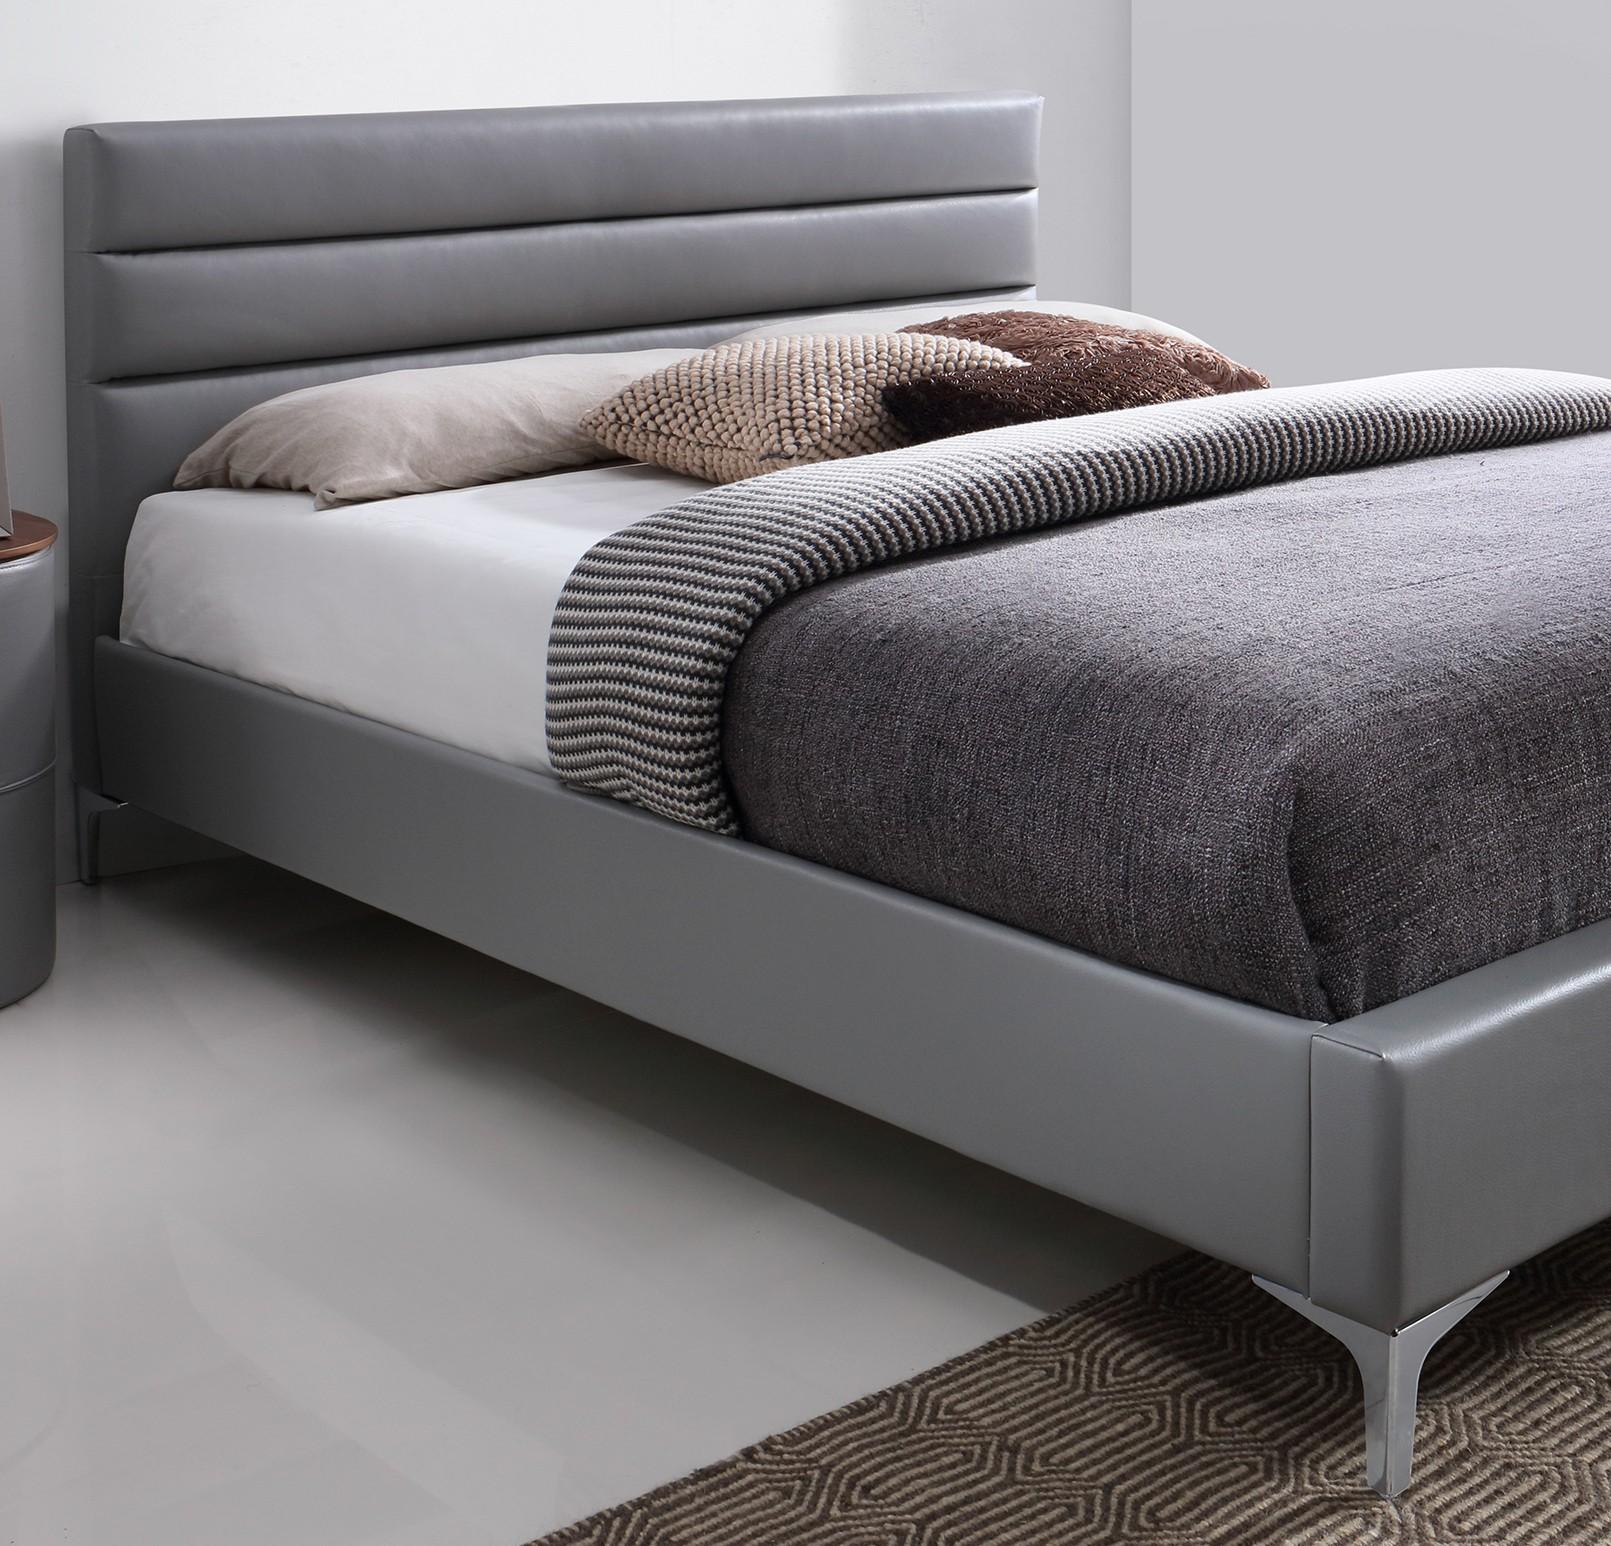 lit deux places lit thomas 140x200 cm en simili cuir. Black Bedroom Furniture Sets. Home Design Ideas